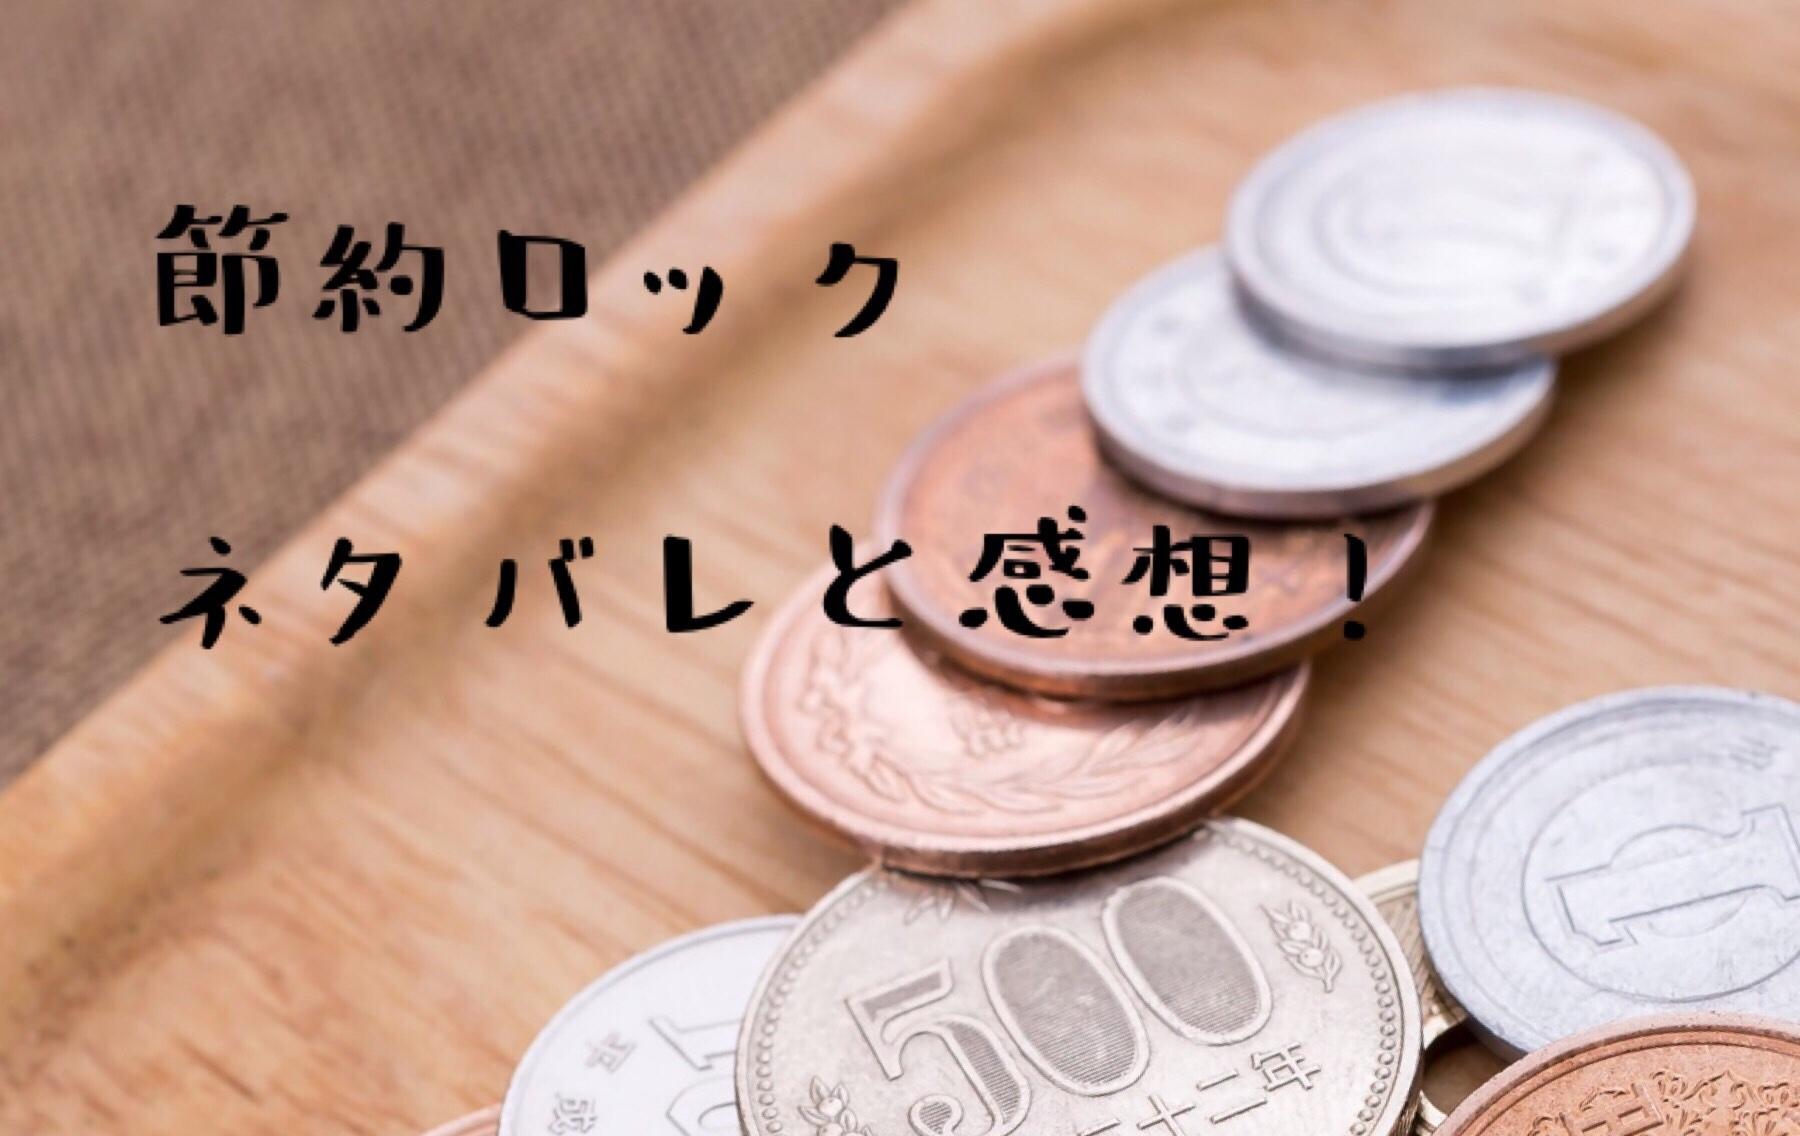 漫画 節約ロック 1巻【第2話】ロックな光熱費 ネタバレと感想!